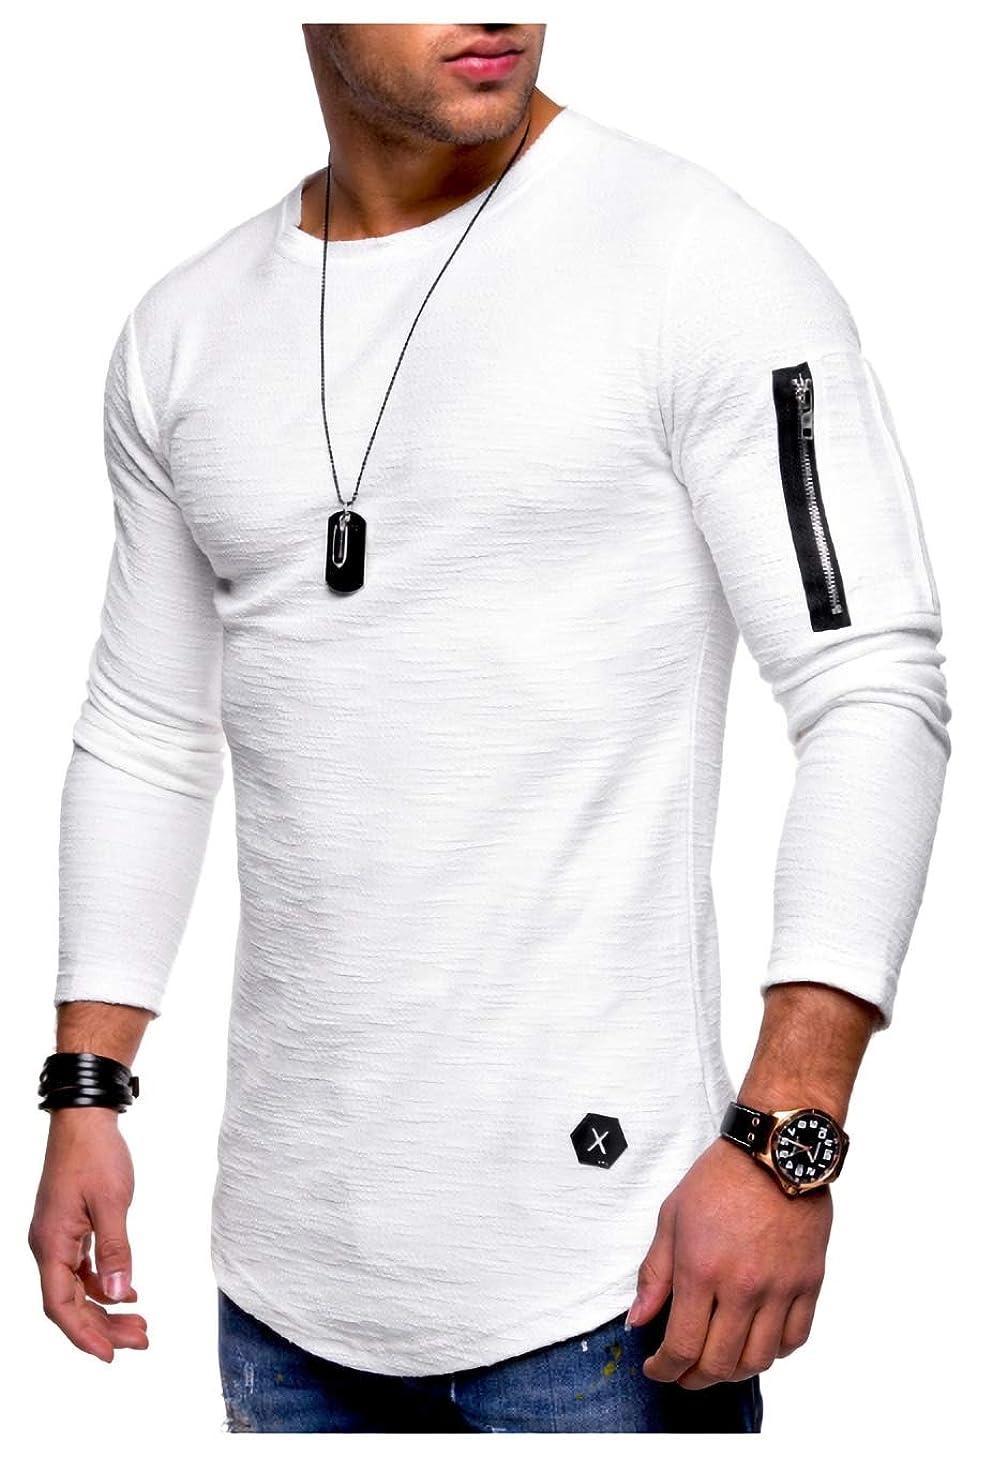 有名電池どこか[パリド] 薄手 アームジッパー ロンT スウェット Tシャツ 長袖 カットソー スリム フィット メンズ S ~ 4XL